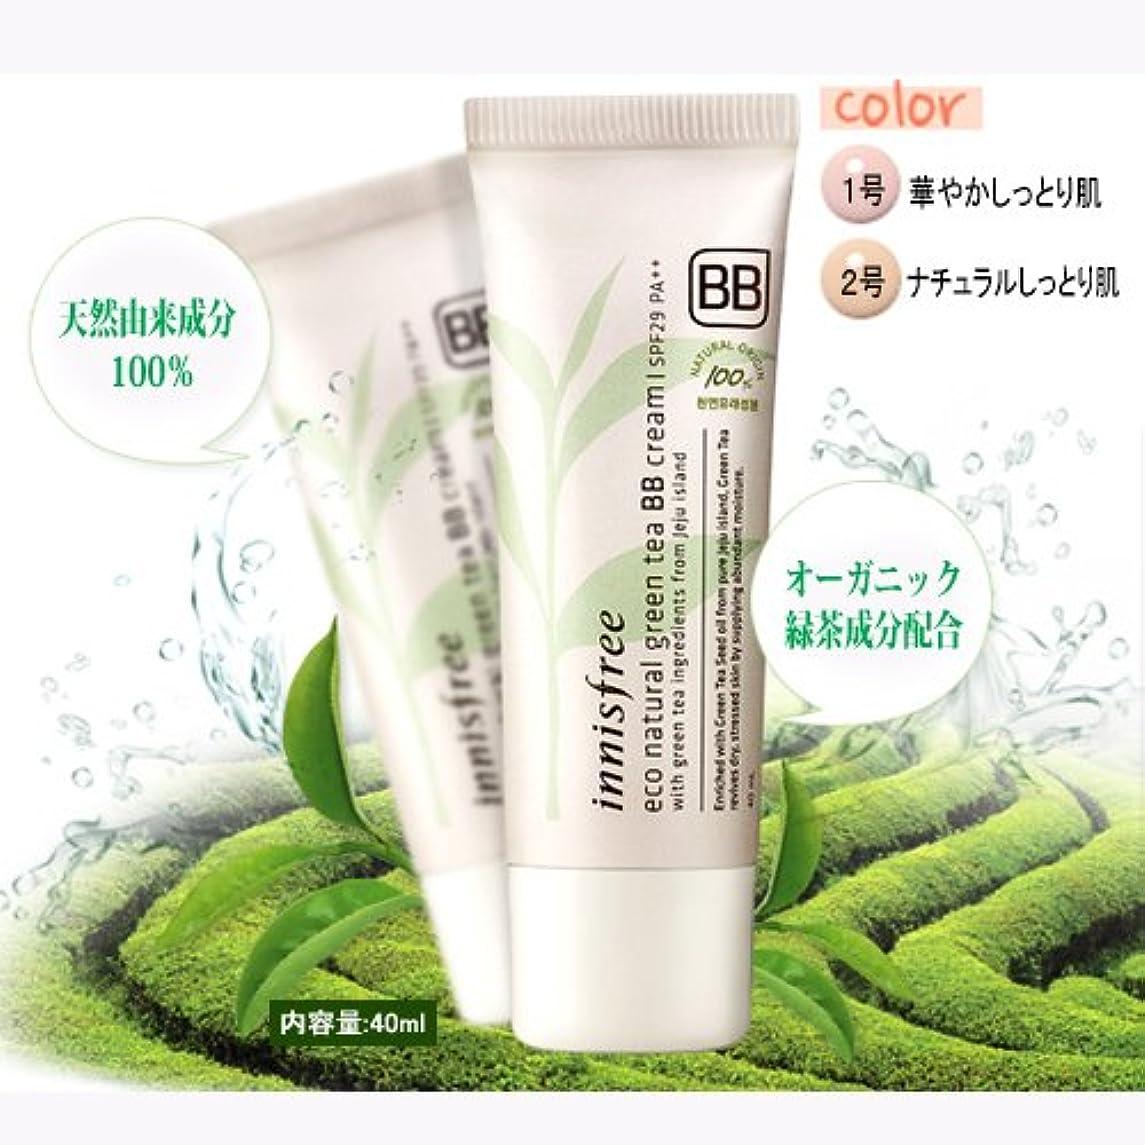 消毒剤絶望レインコートinnisfree/イニスフリー Eco Natural Green Tea BB Cream #02/エコナチュラルグリーンティーBBクリームナチュラルなしっとりお肌 SPF29PA++40ml